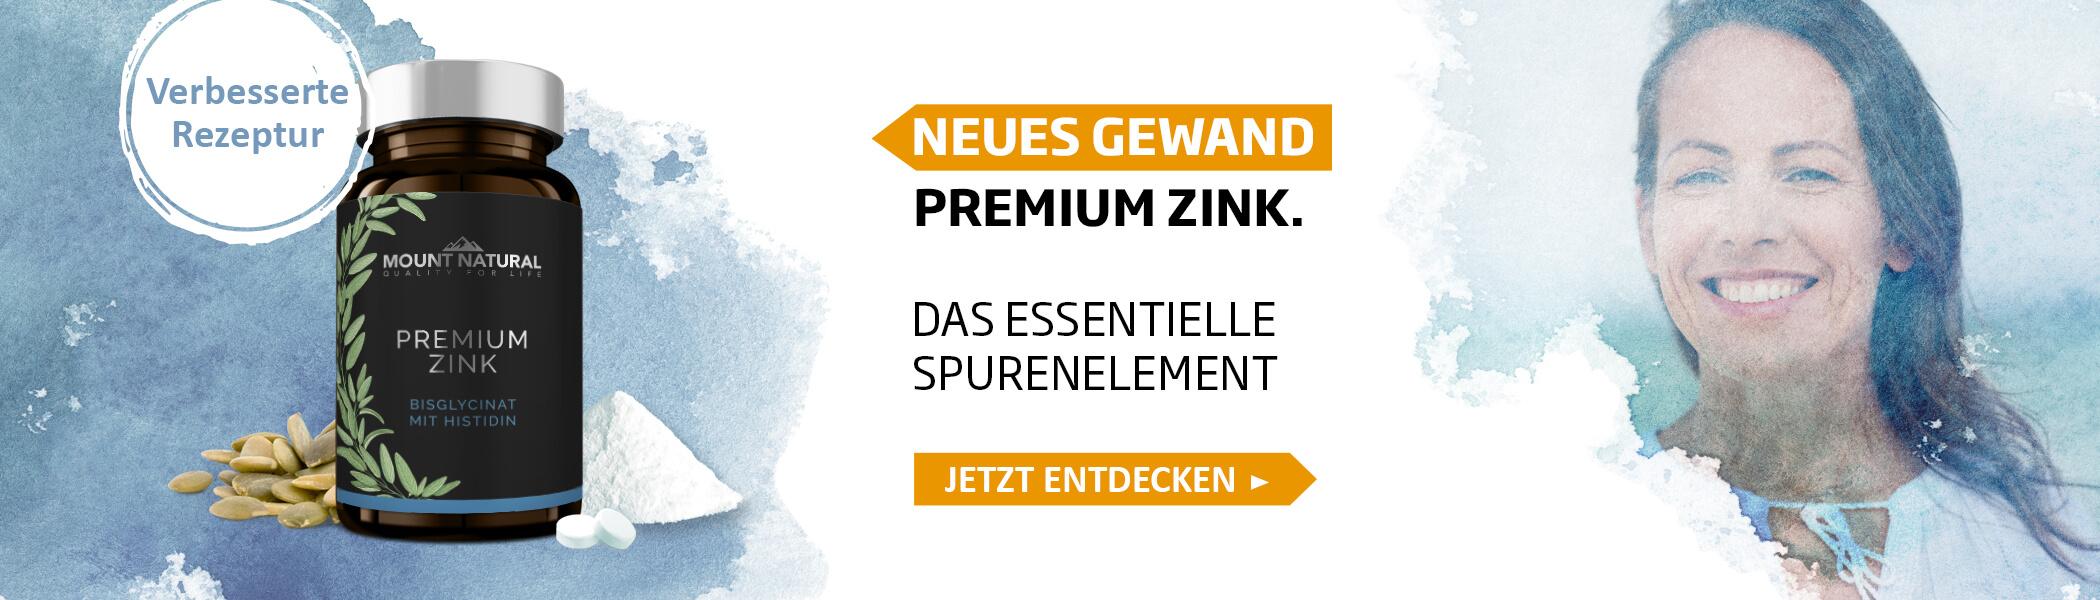 Premium zink verbesserte rezeptur